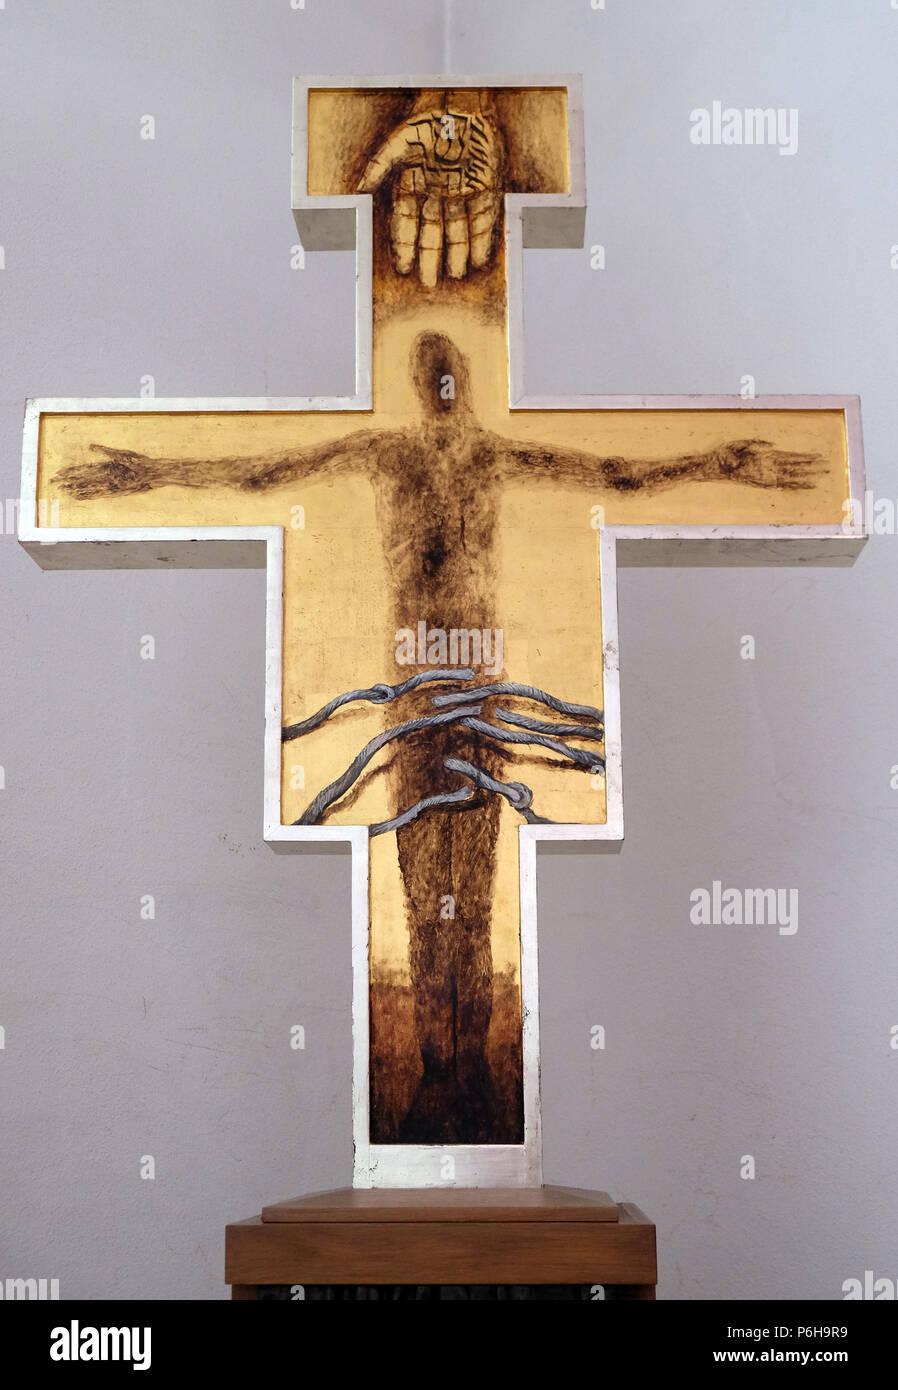 Cross by Sieger Koeder in the Chapel of St. Francis in Ellwangen, Germany Stock Photo